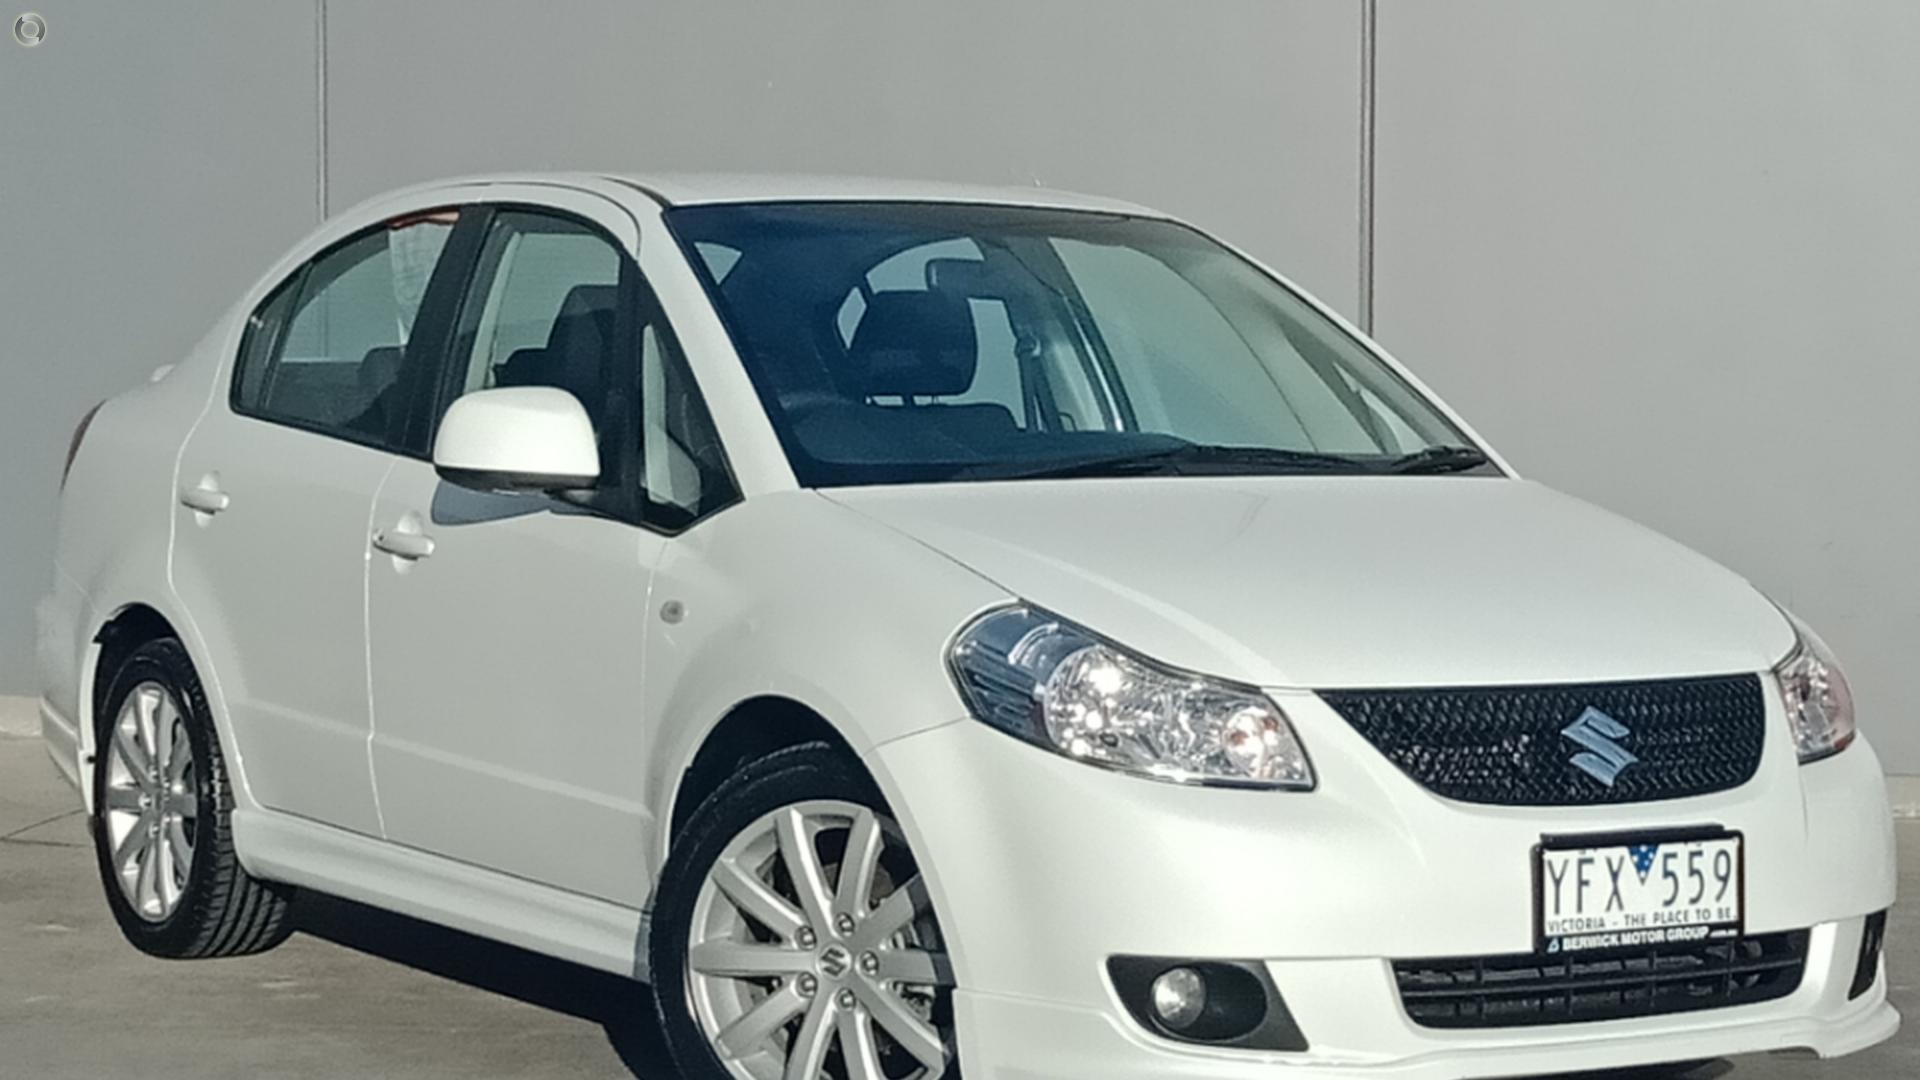 2010 Suzuki Sx4 S